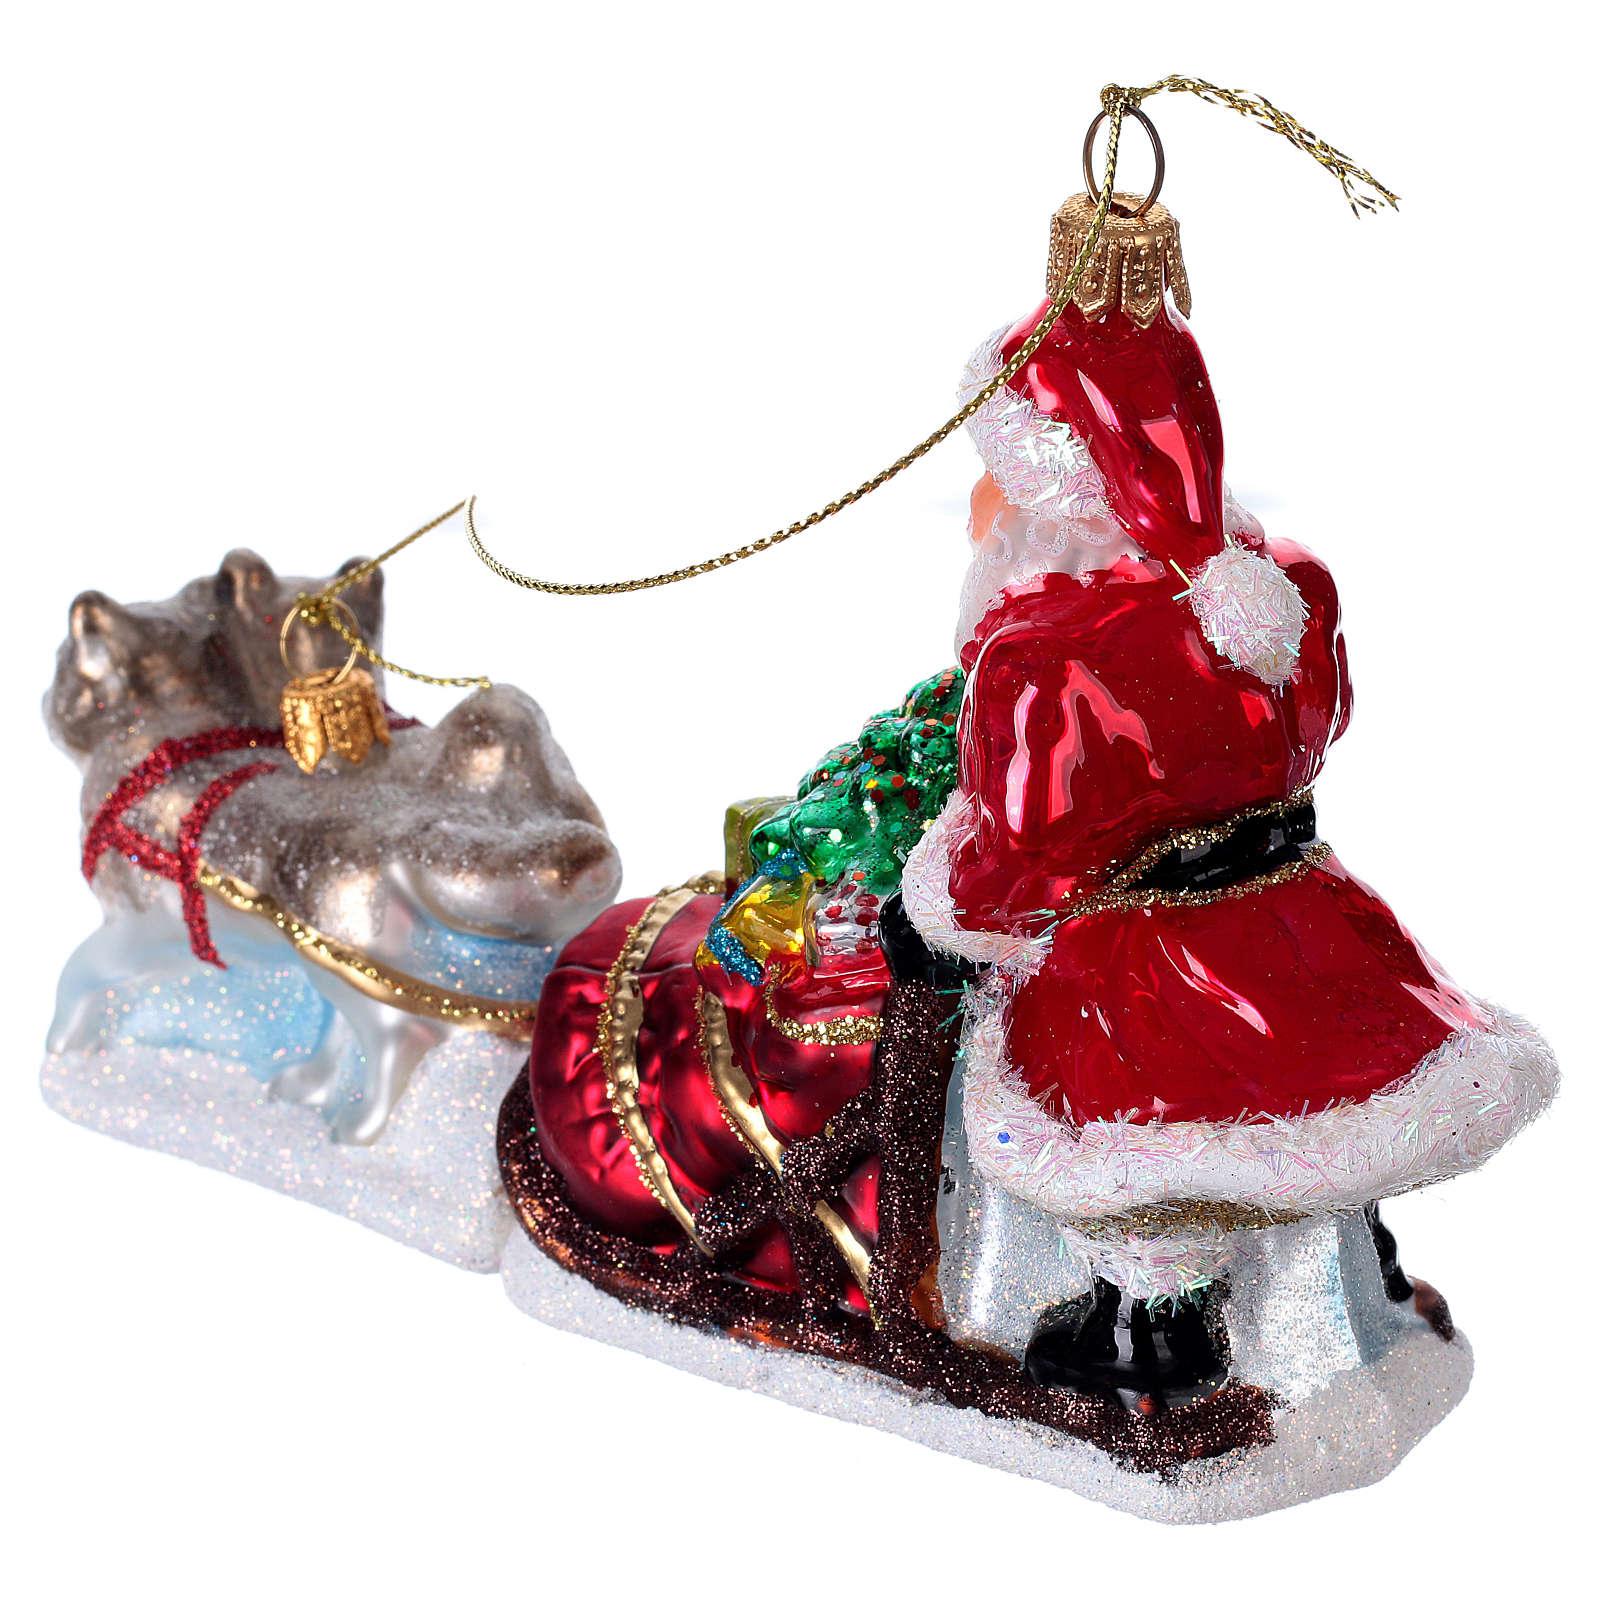 Weihnachstmann mit Schlittenhund mundgeblasenen Glas für Tannenbaum 4